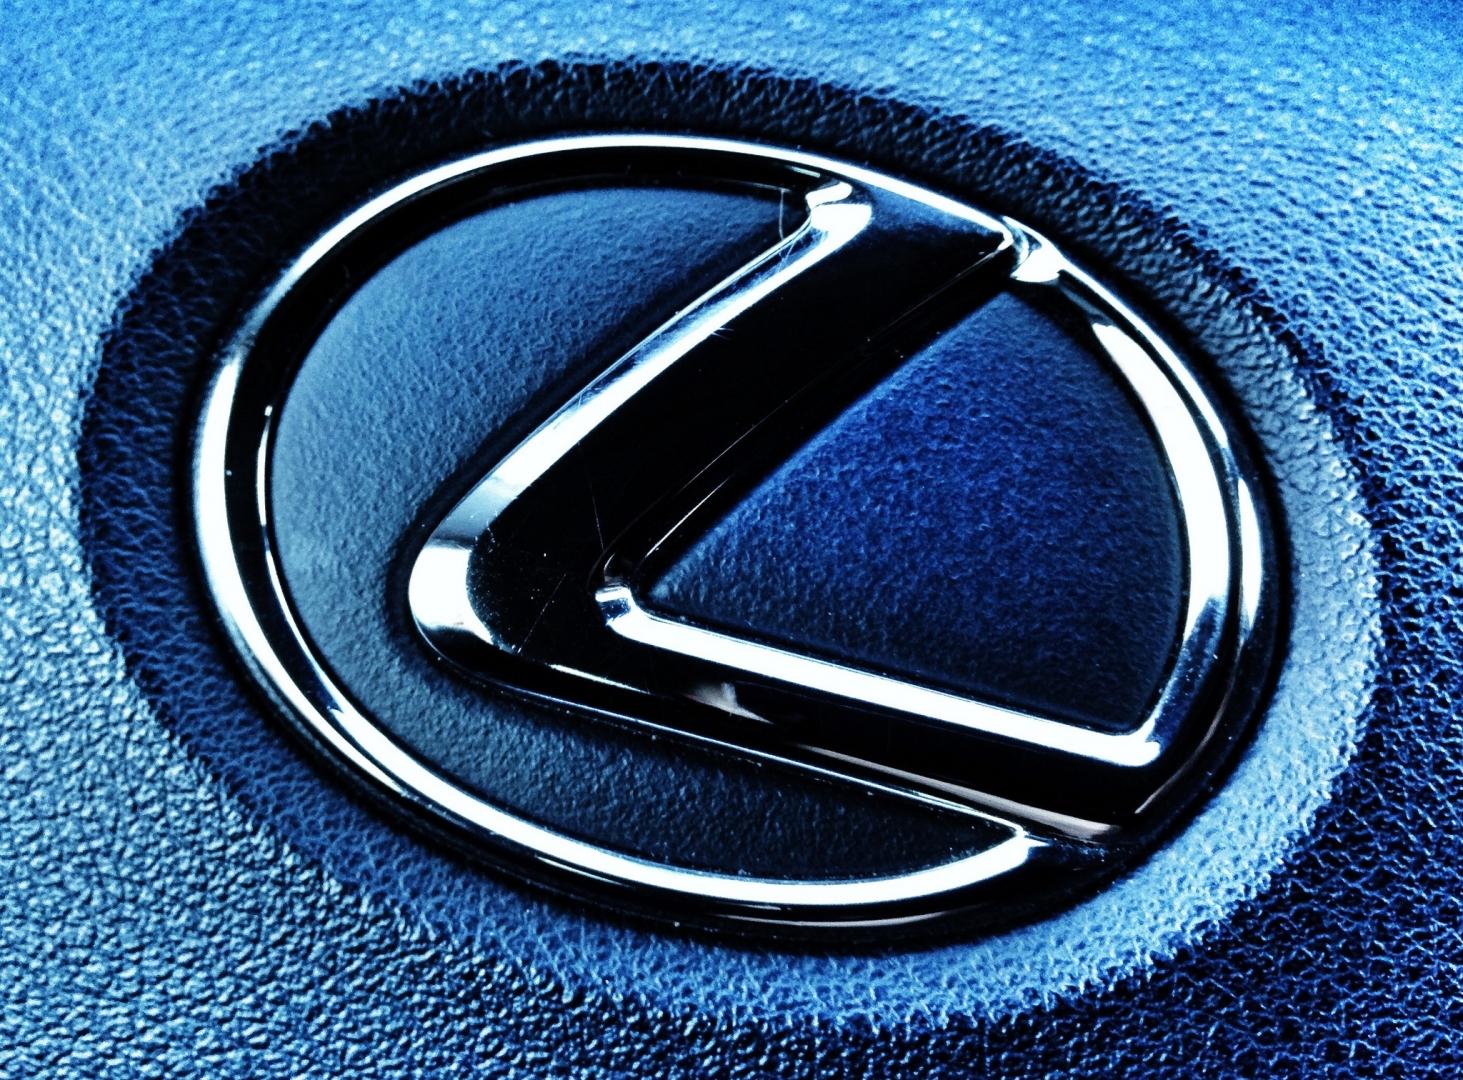 Фото с эмблемами машин